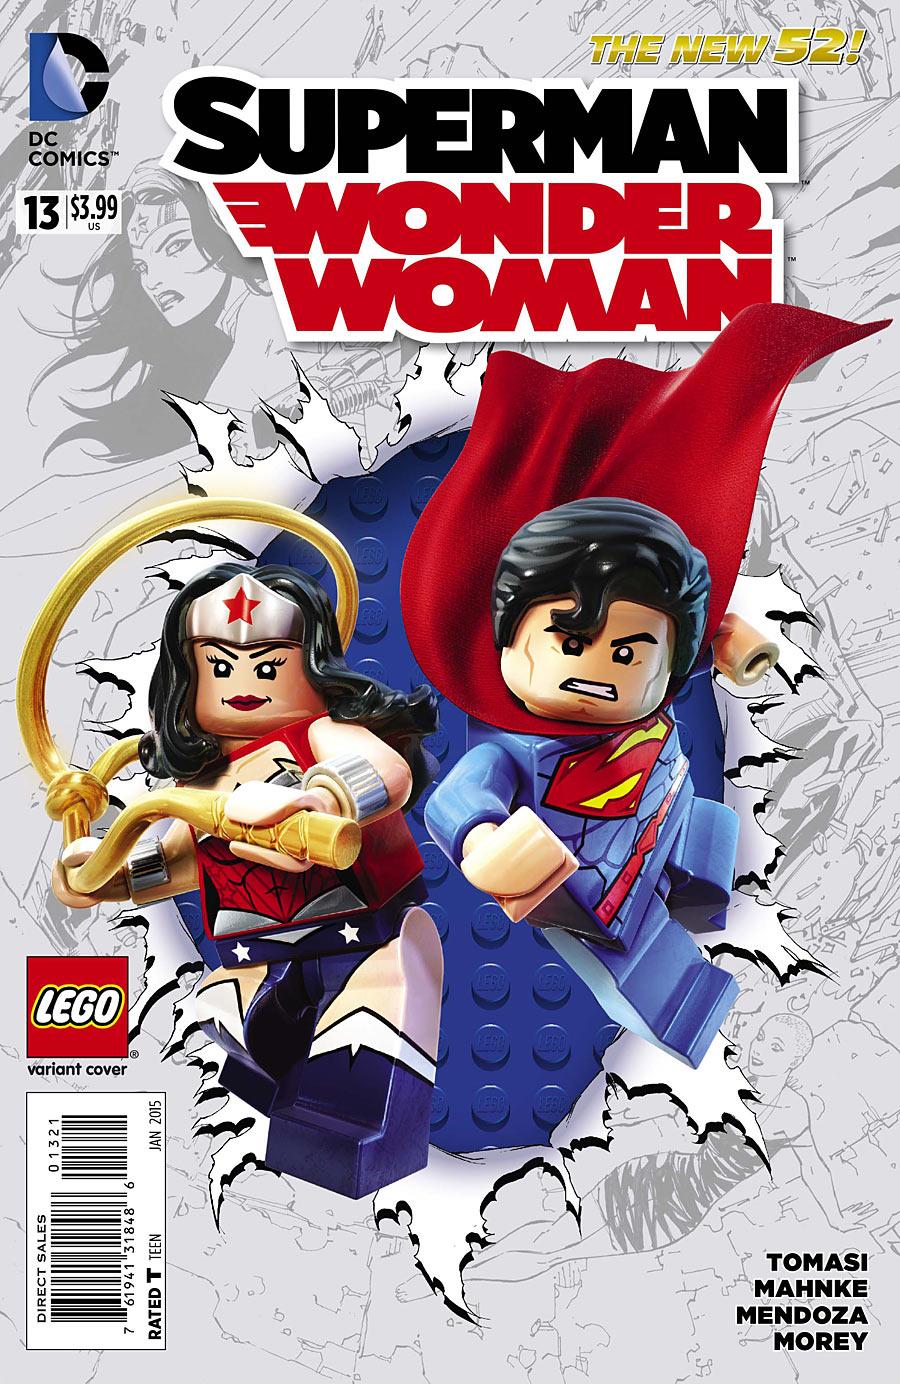 Image - Superman-Wonder Woman Vol 1 13 Lego Variantjpg -9155